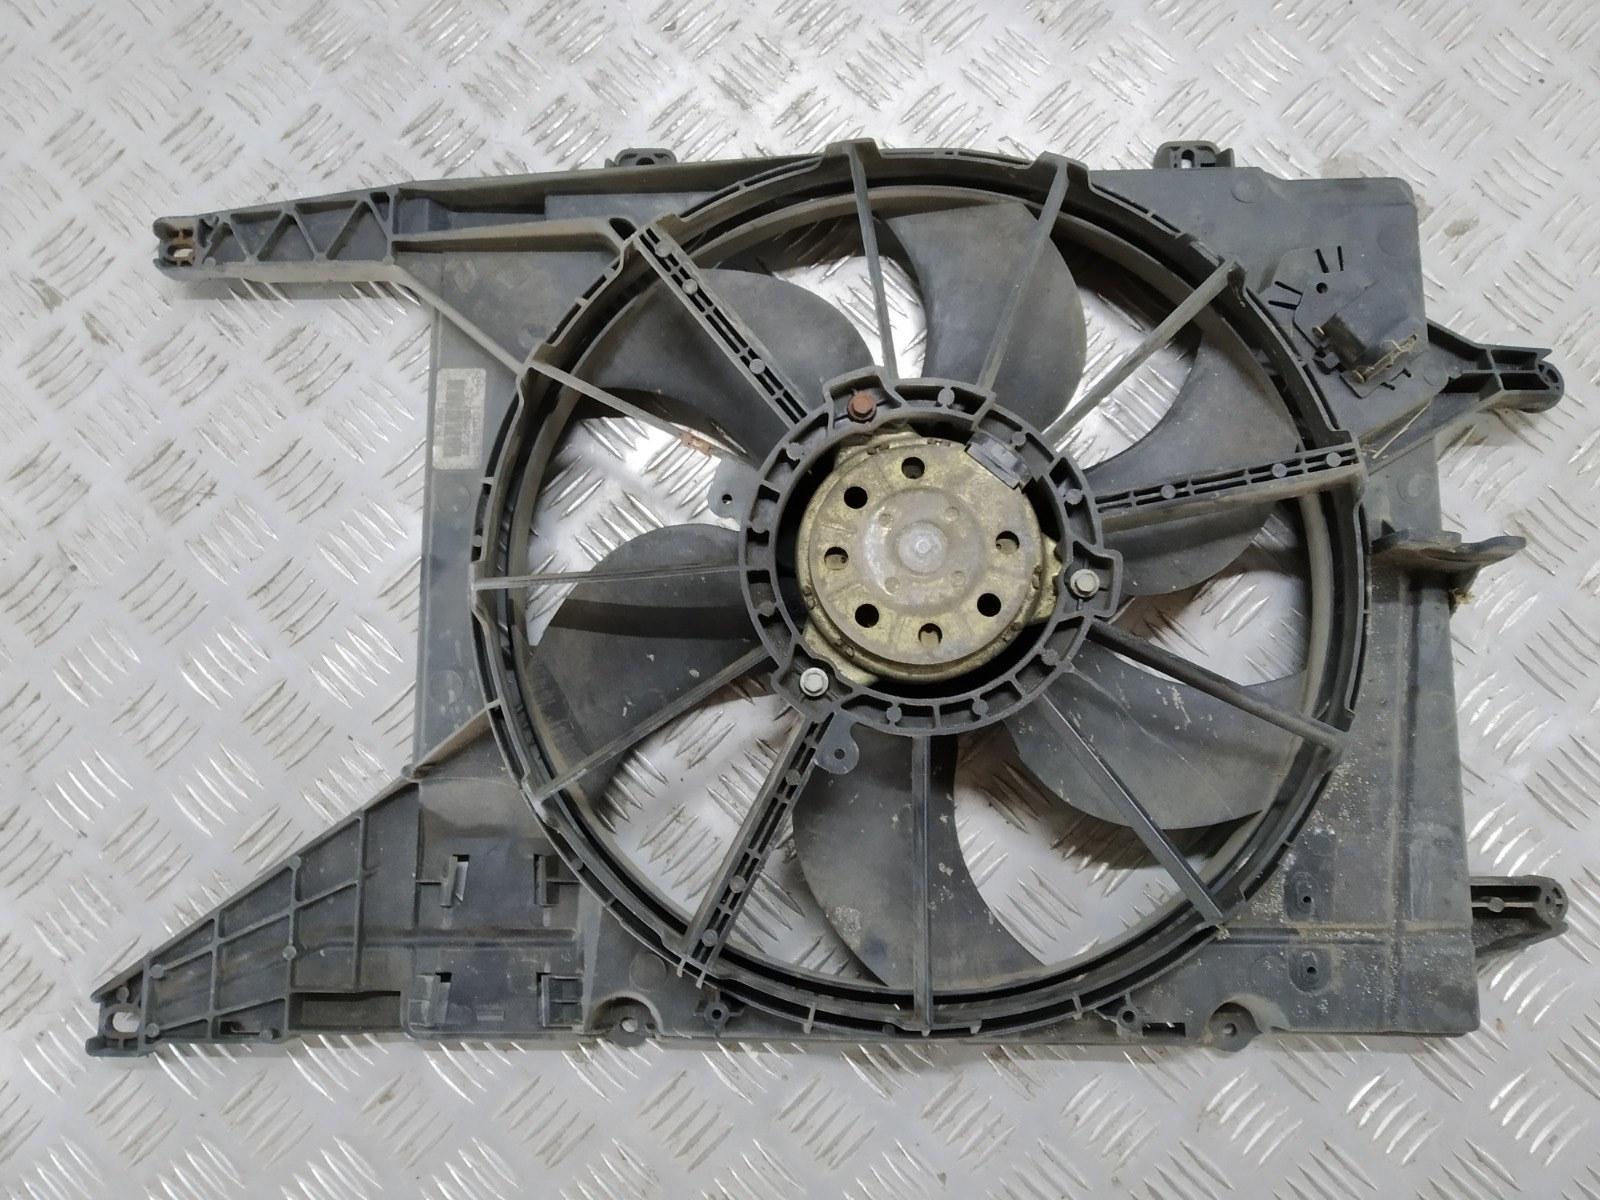 Вентилятор радиатора Renault Scenic 1.4 I 2002 (б/у)